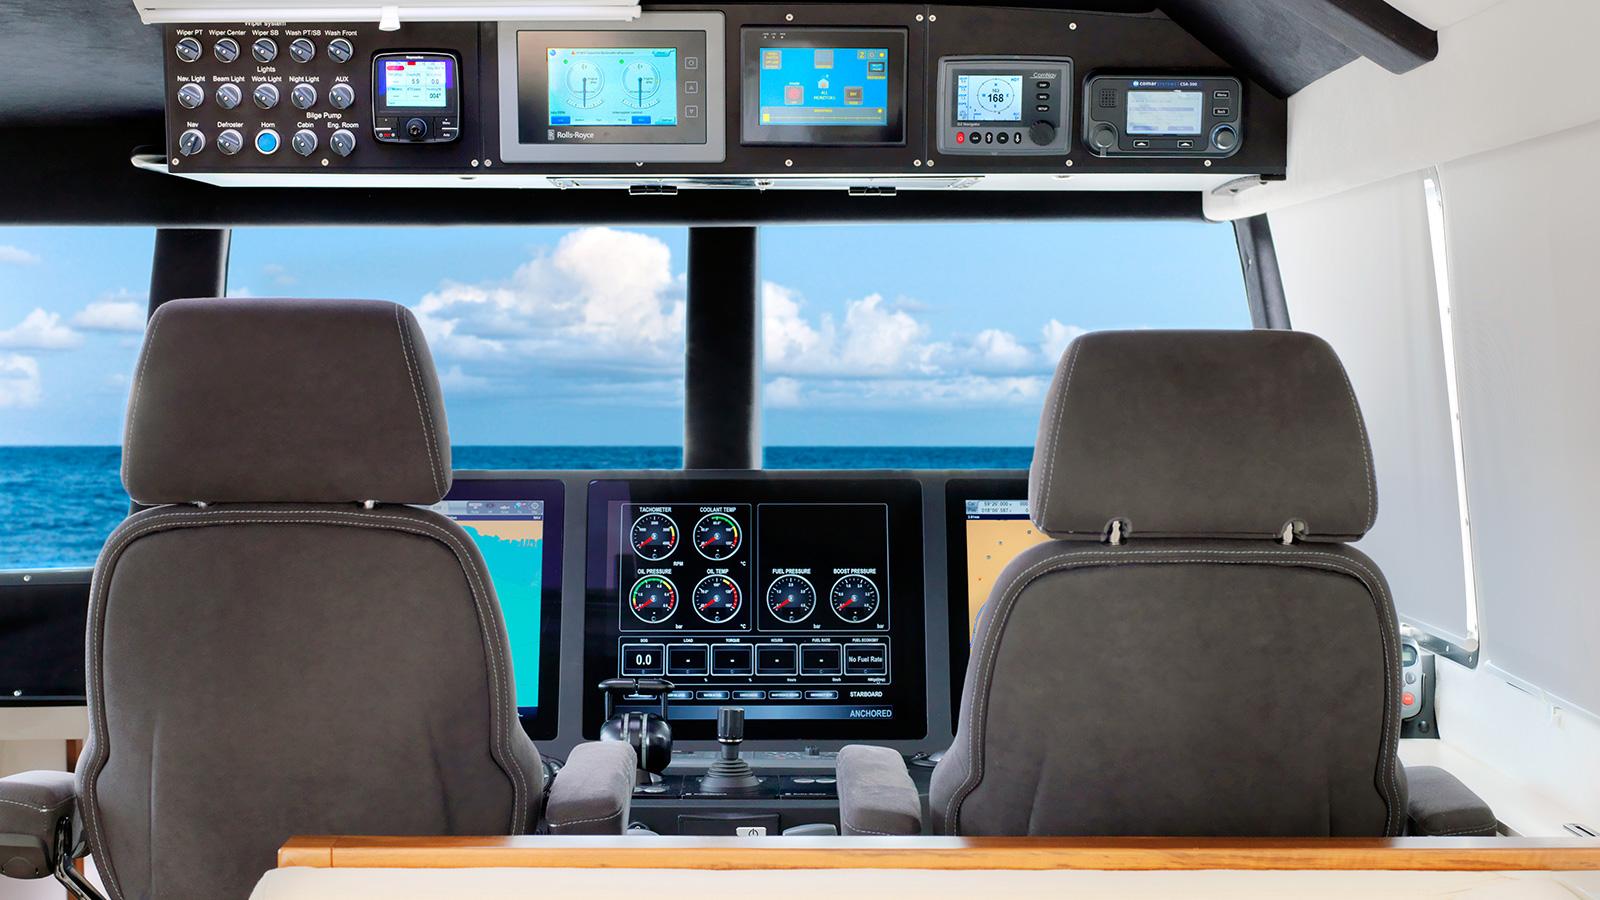 Rupert-50-interior-small.jpg